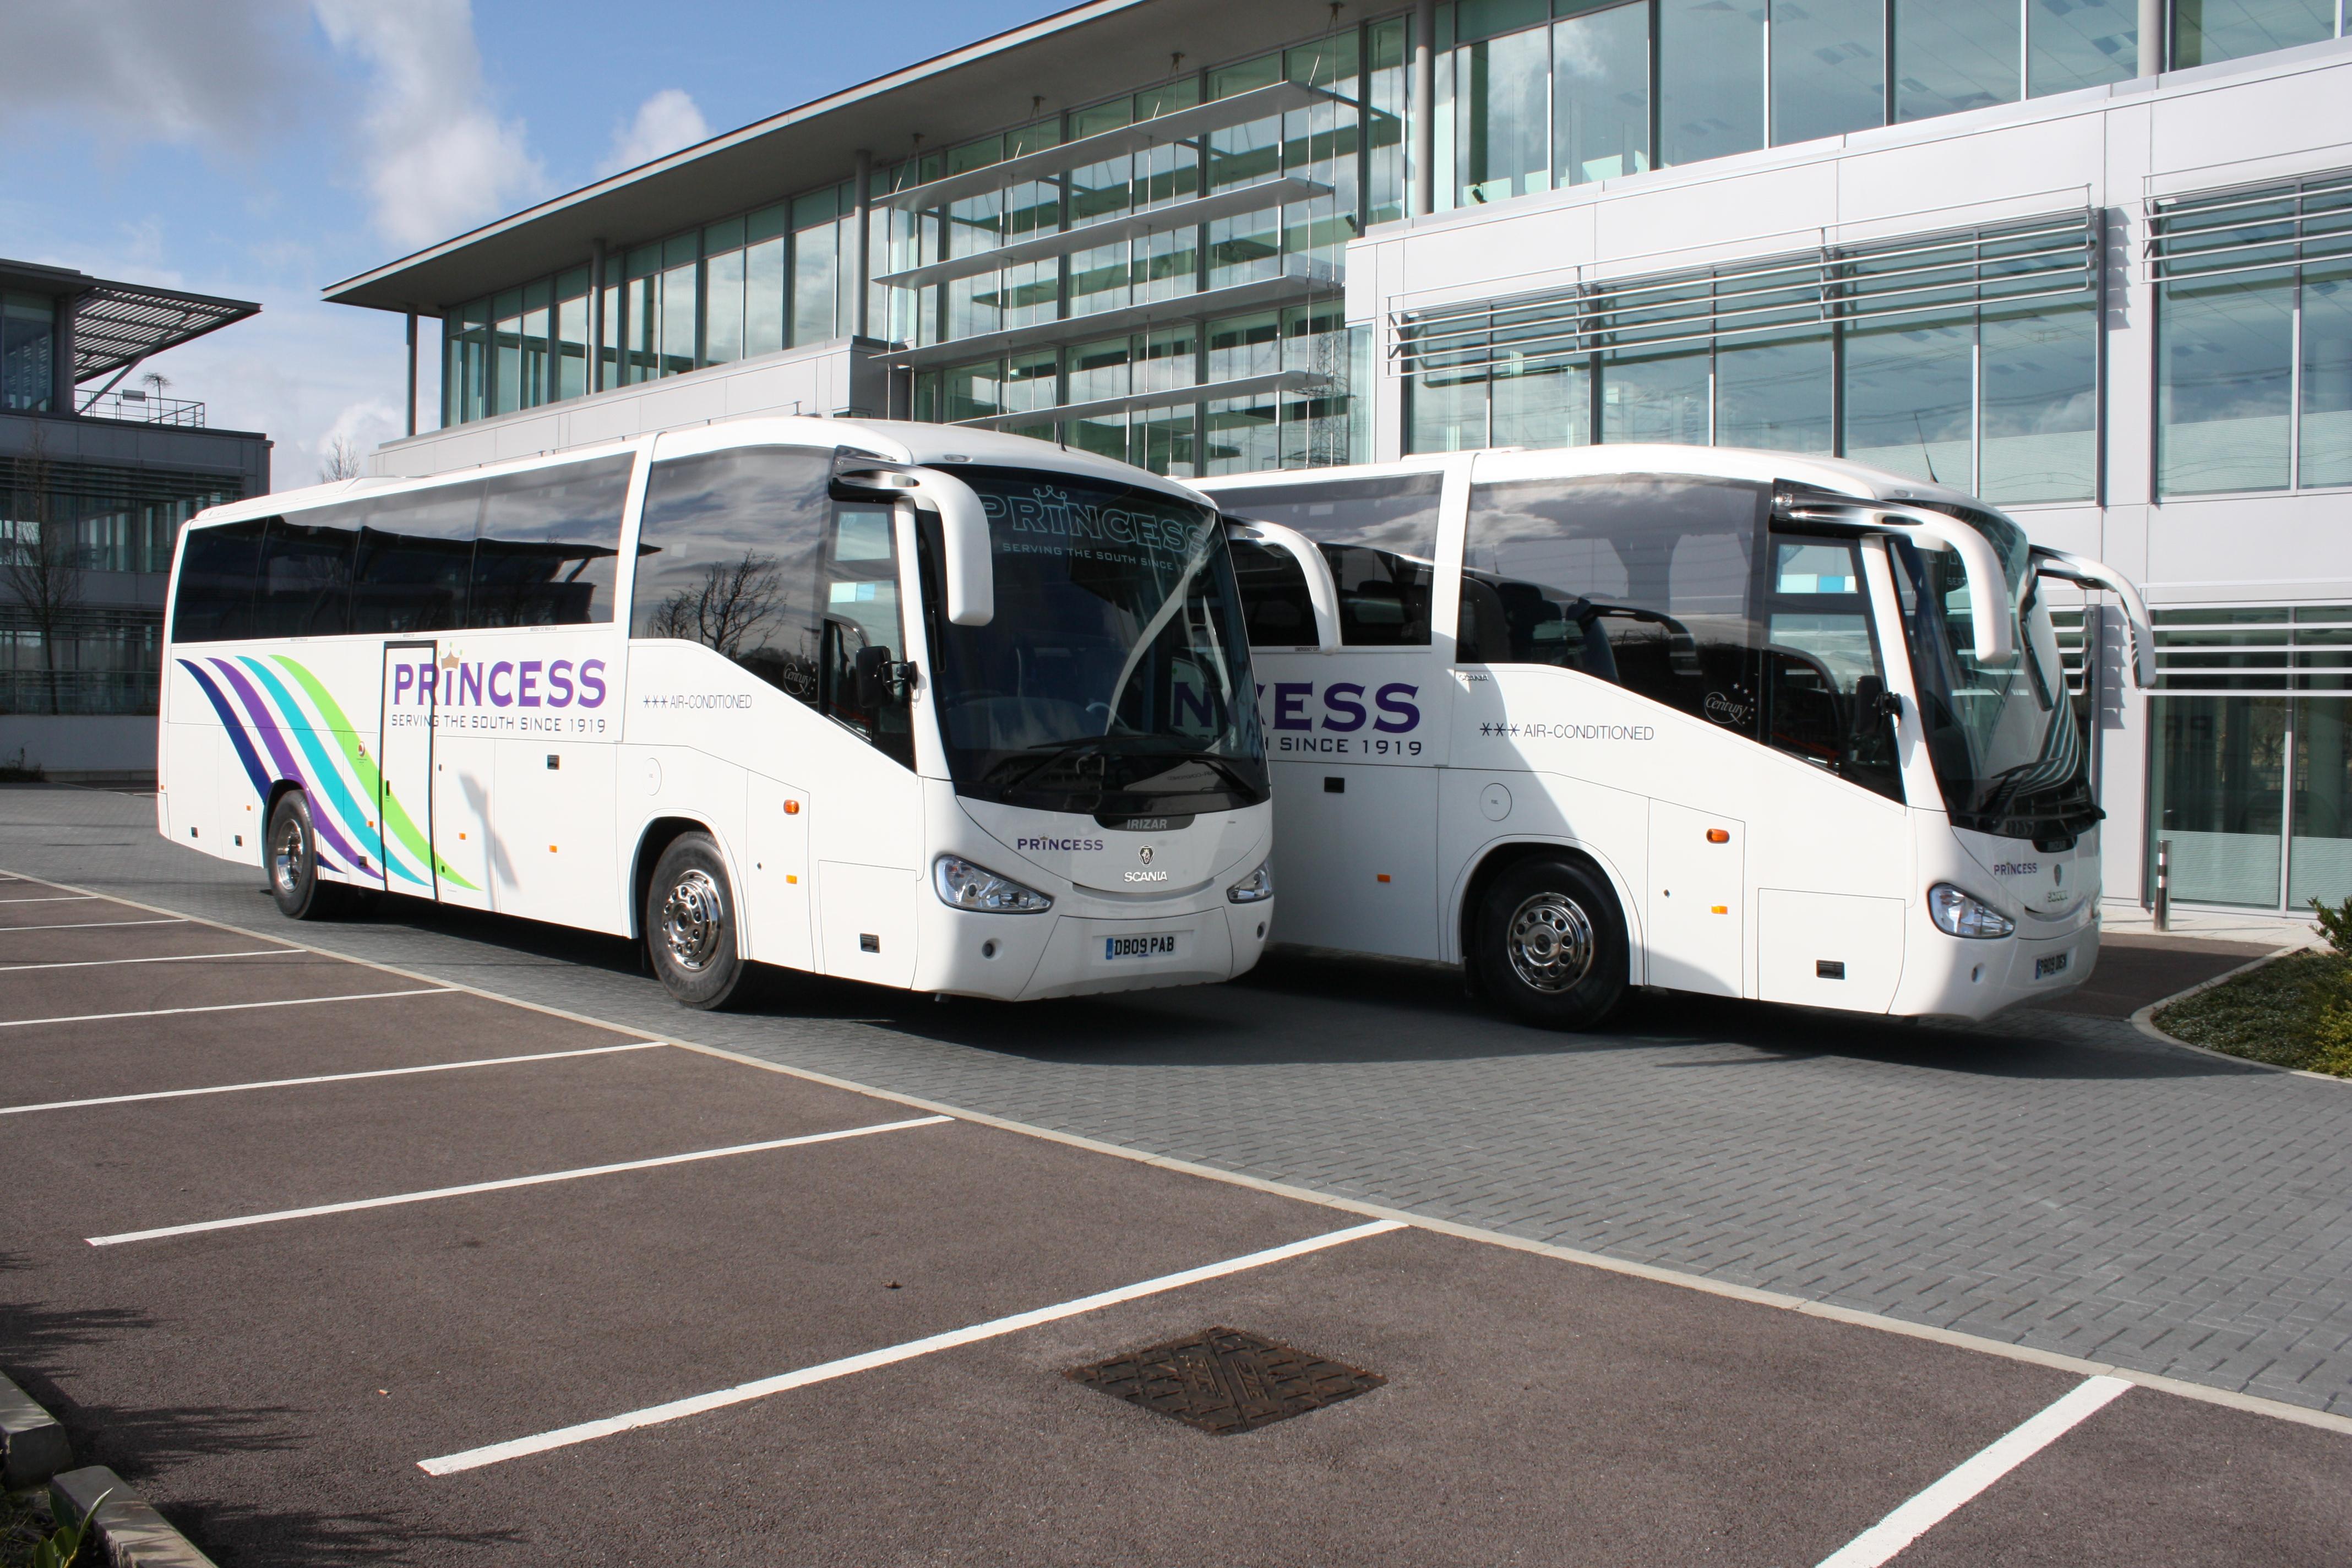 Princess coaches cover